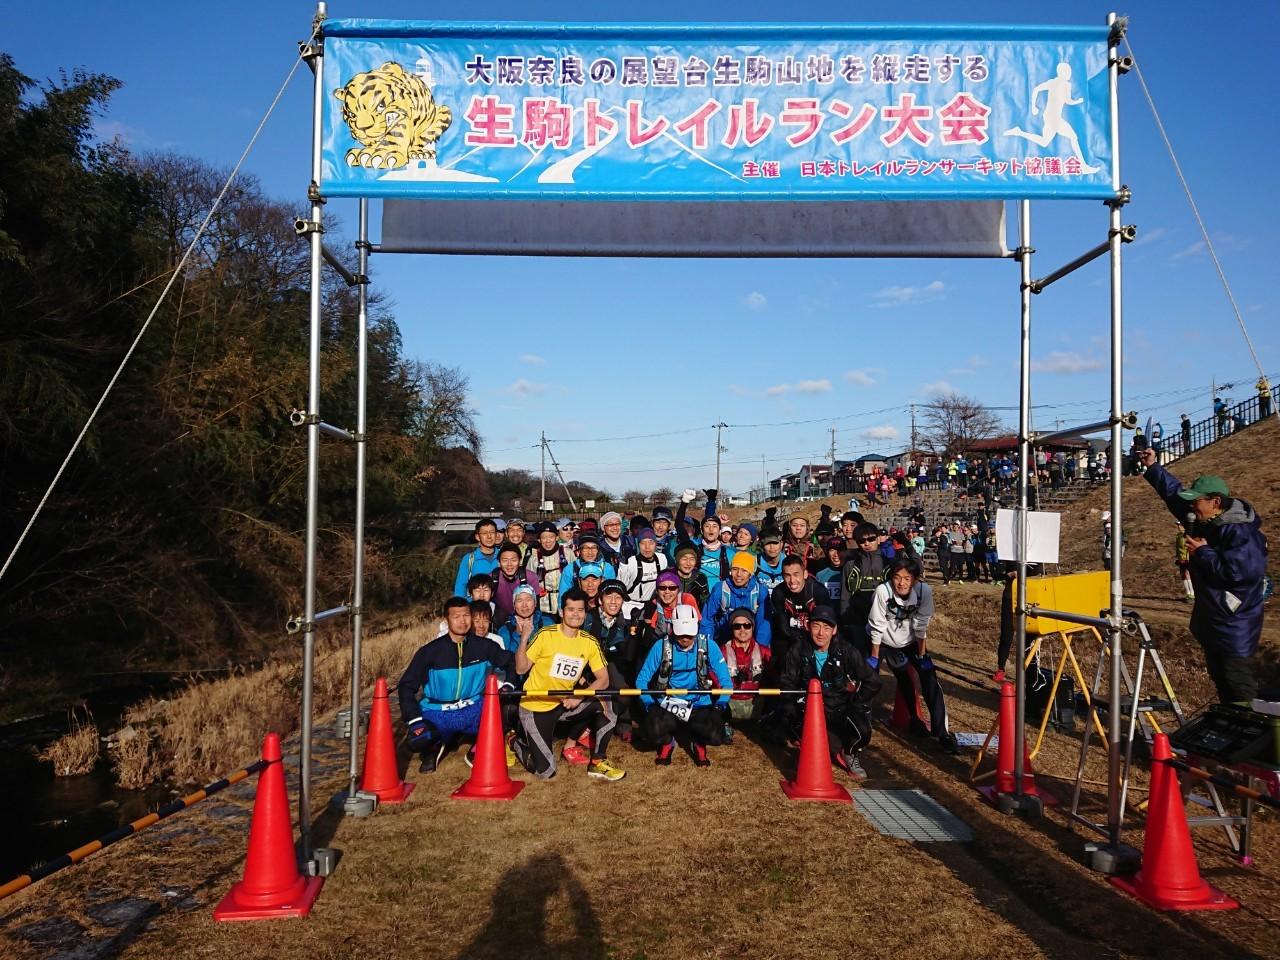 【日本トレイルランサーキット2021】第13回 生駒トレイルラン<冬山>